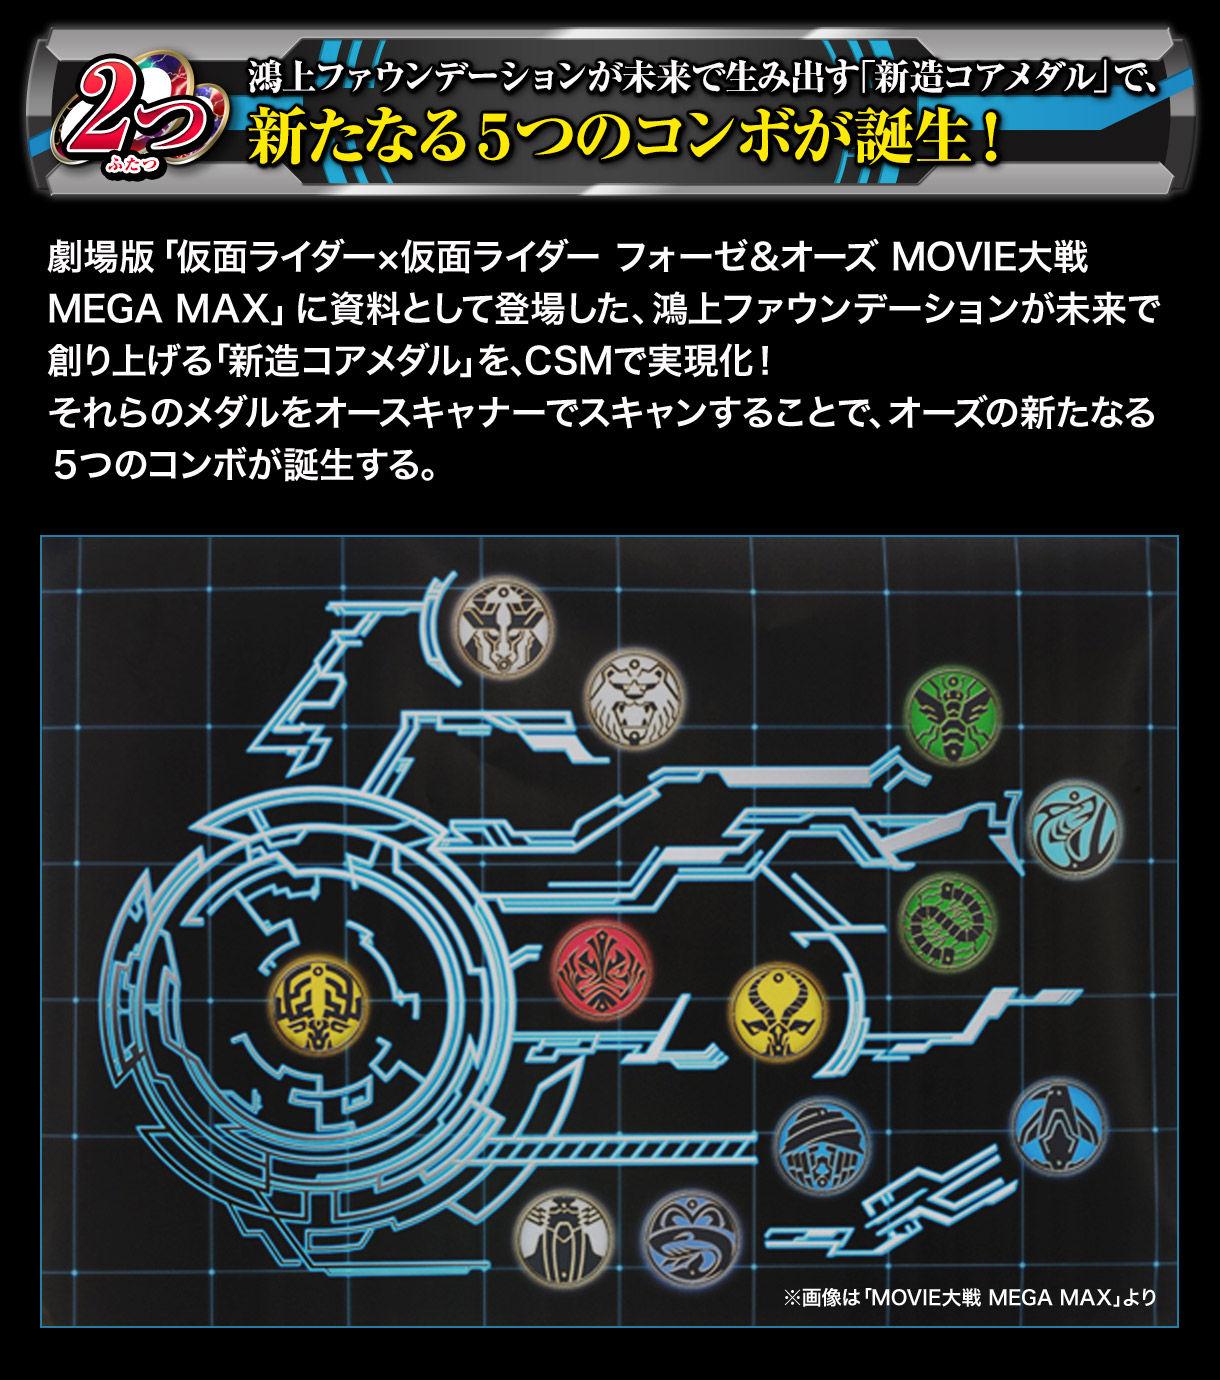 2つ:鴻上ファウンデーションが未来で生み出す「新造コアメダル」で、新たなる5つのコンボが誕生!